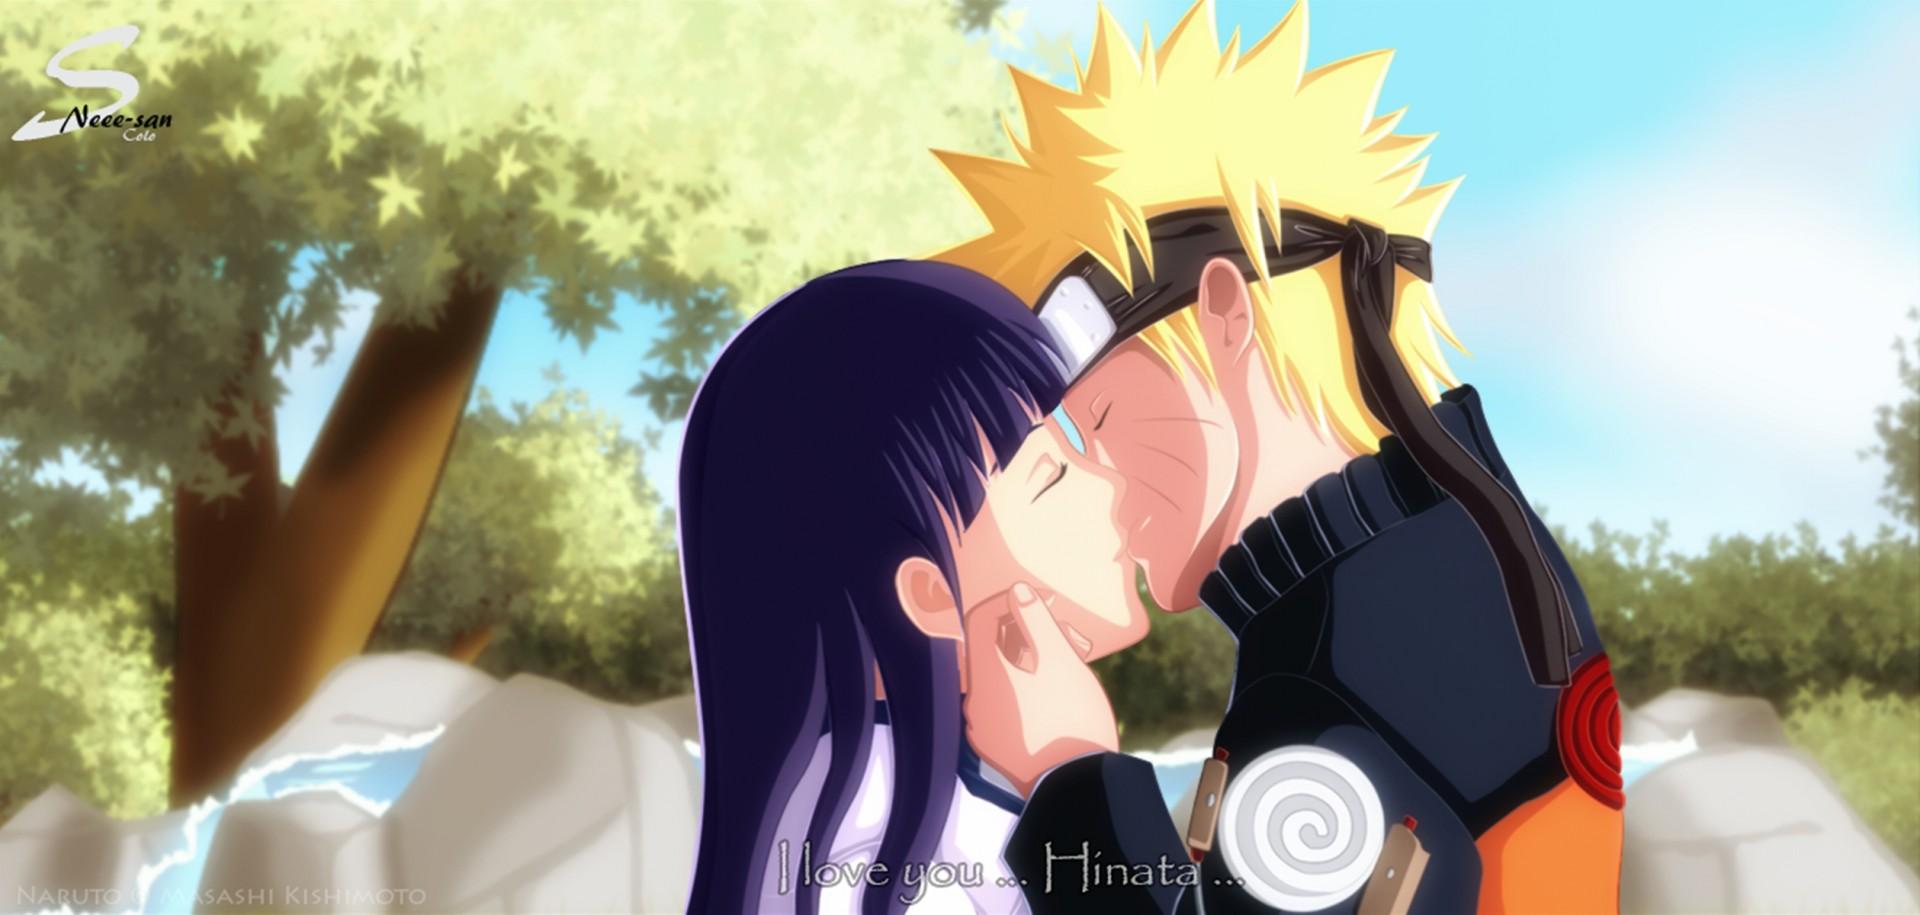 Naruto and hinata wallpaper hd 054